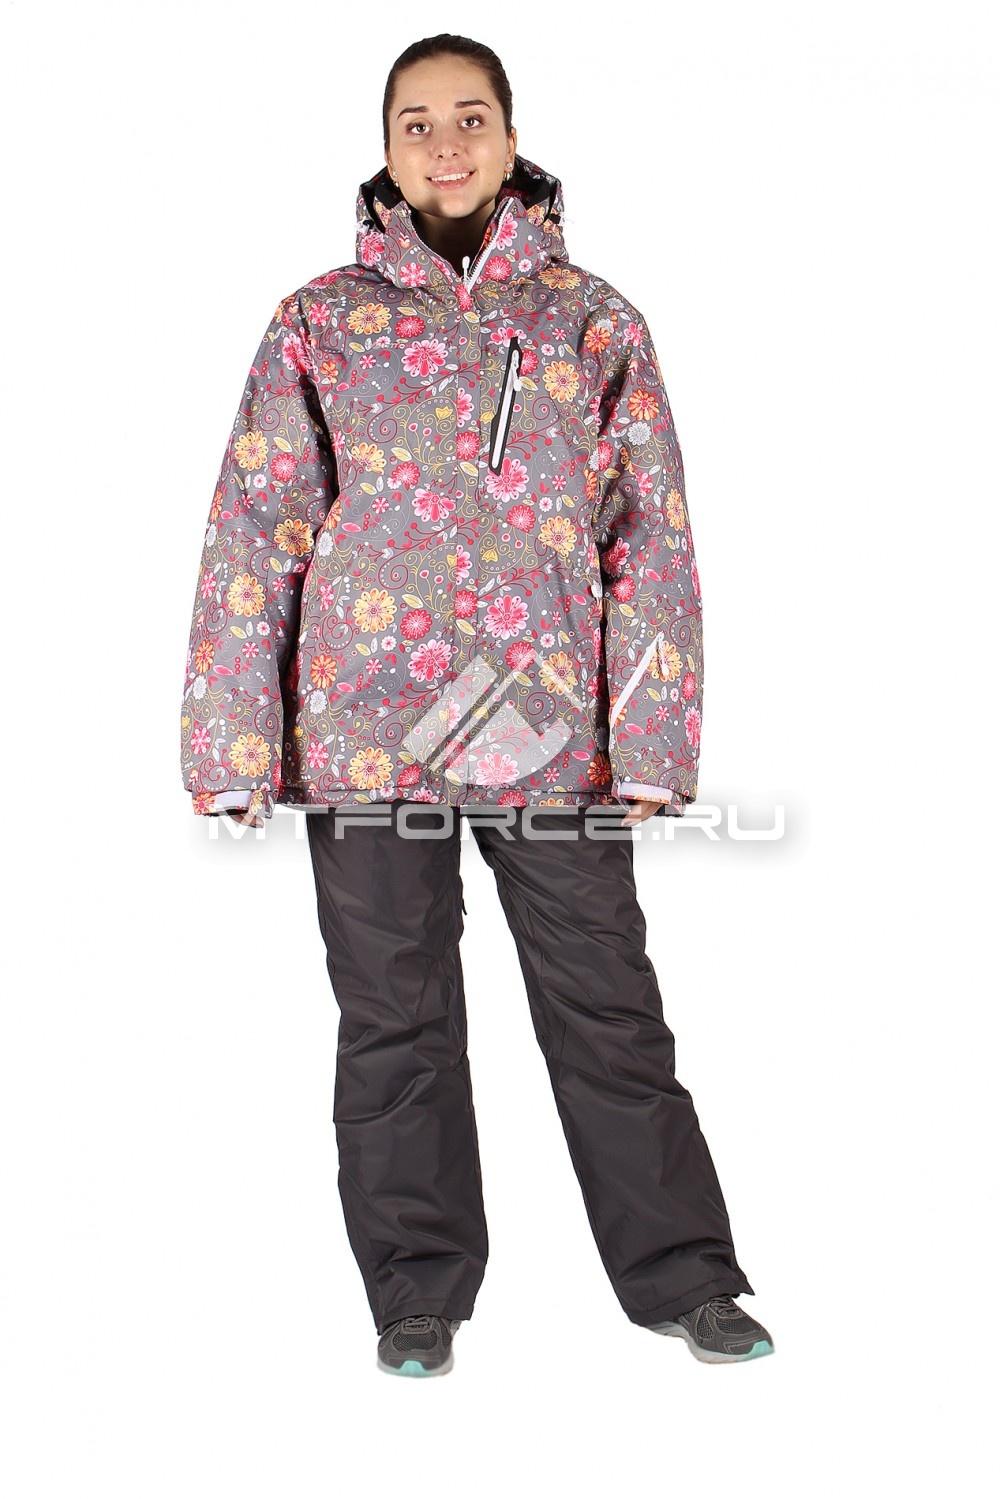 Купить оптом Костюм горнолыжный женский большого размера розового цвета 014111R